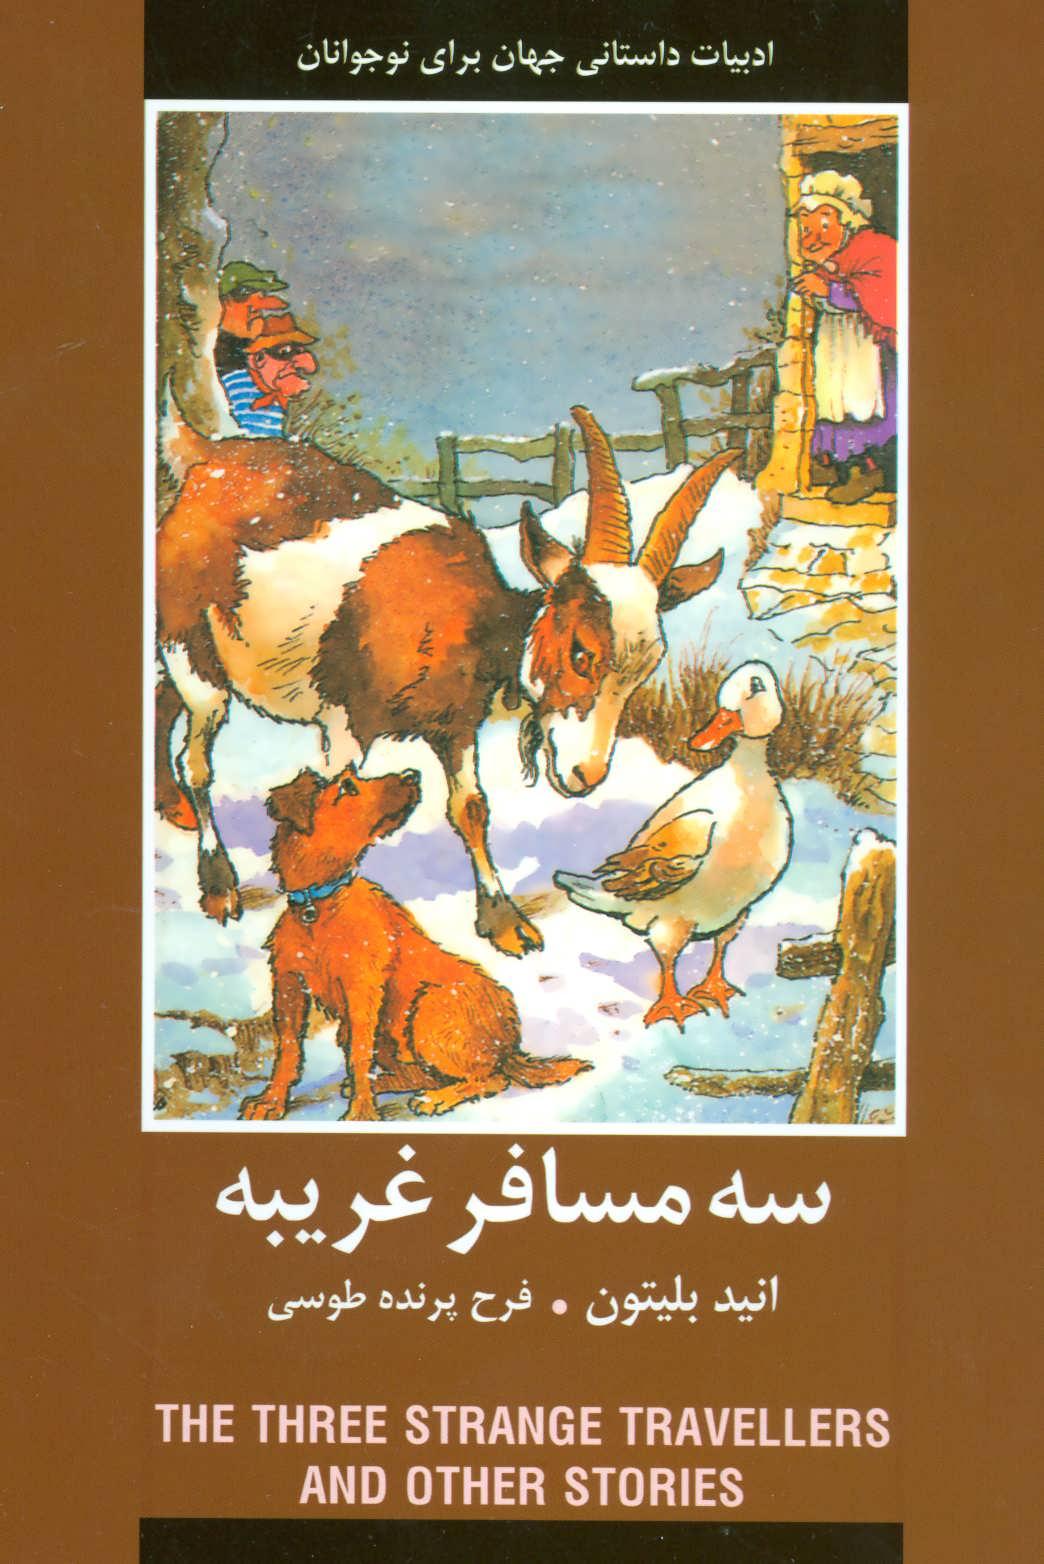 کتاب سه مسافر غریبه